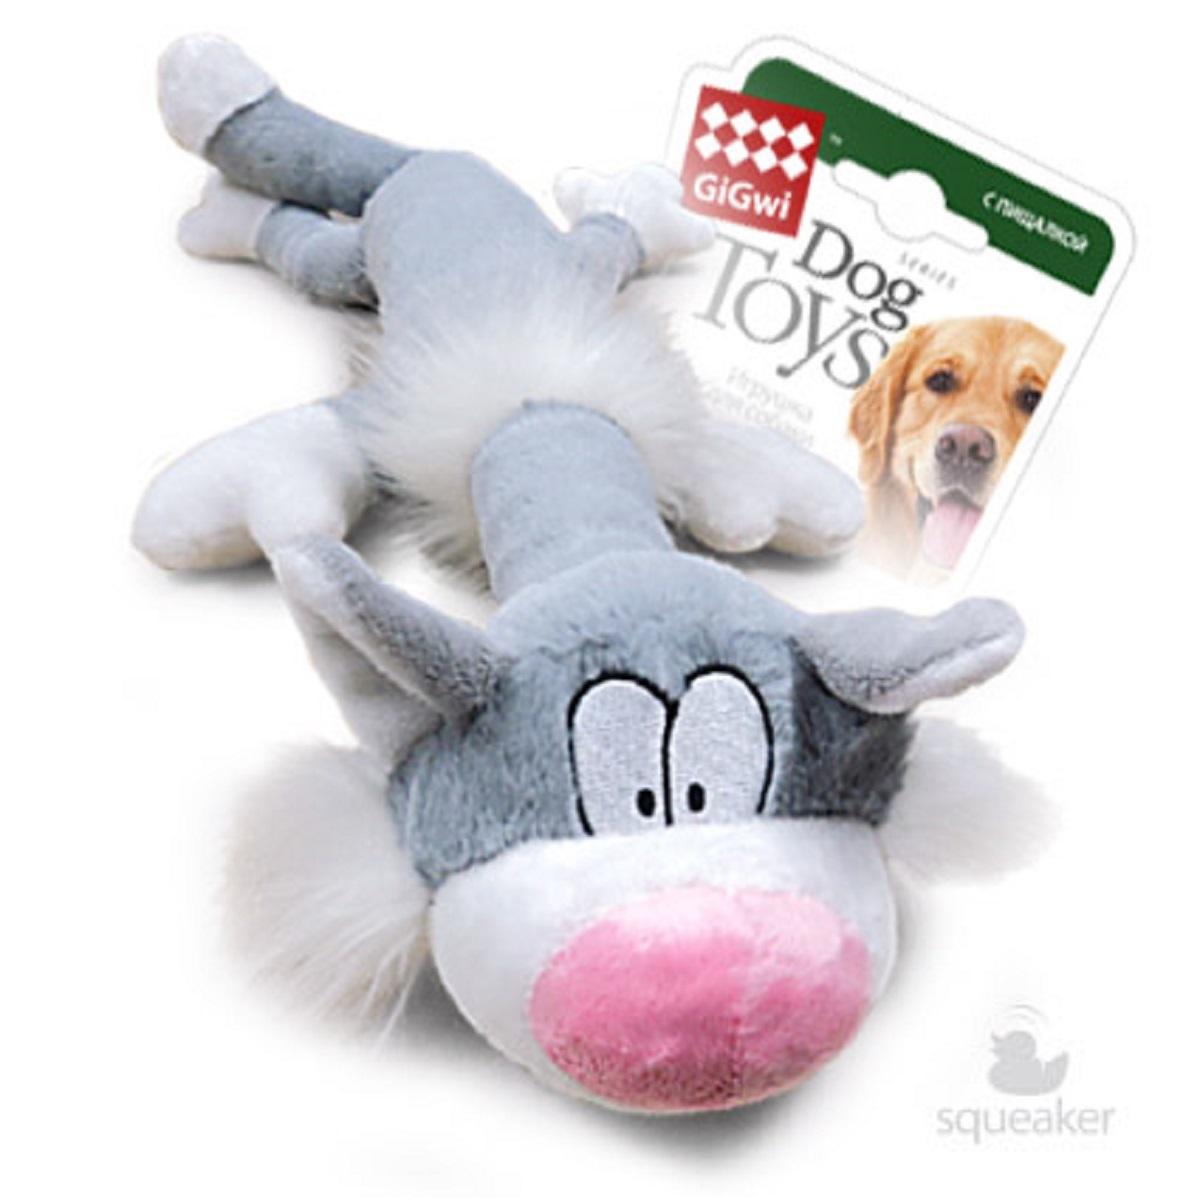 Игрушка для собак GiGwi Кот с пищалкой, 63 см75227Кот с пищалками. Размер: 63 см. Искусственный мех.